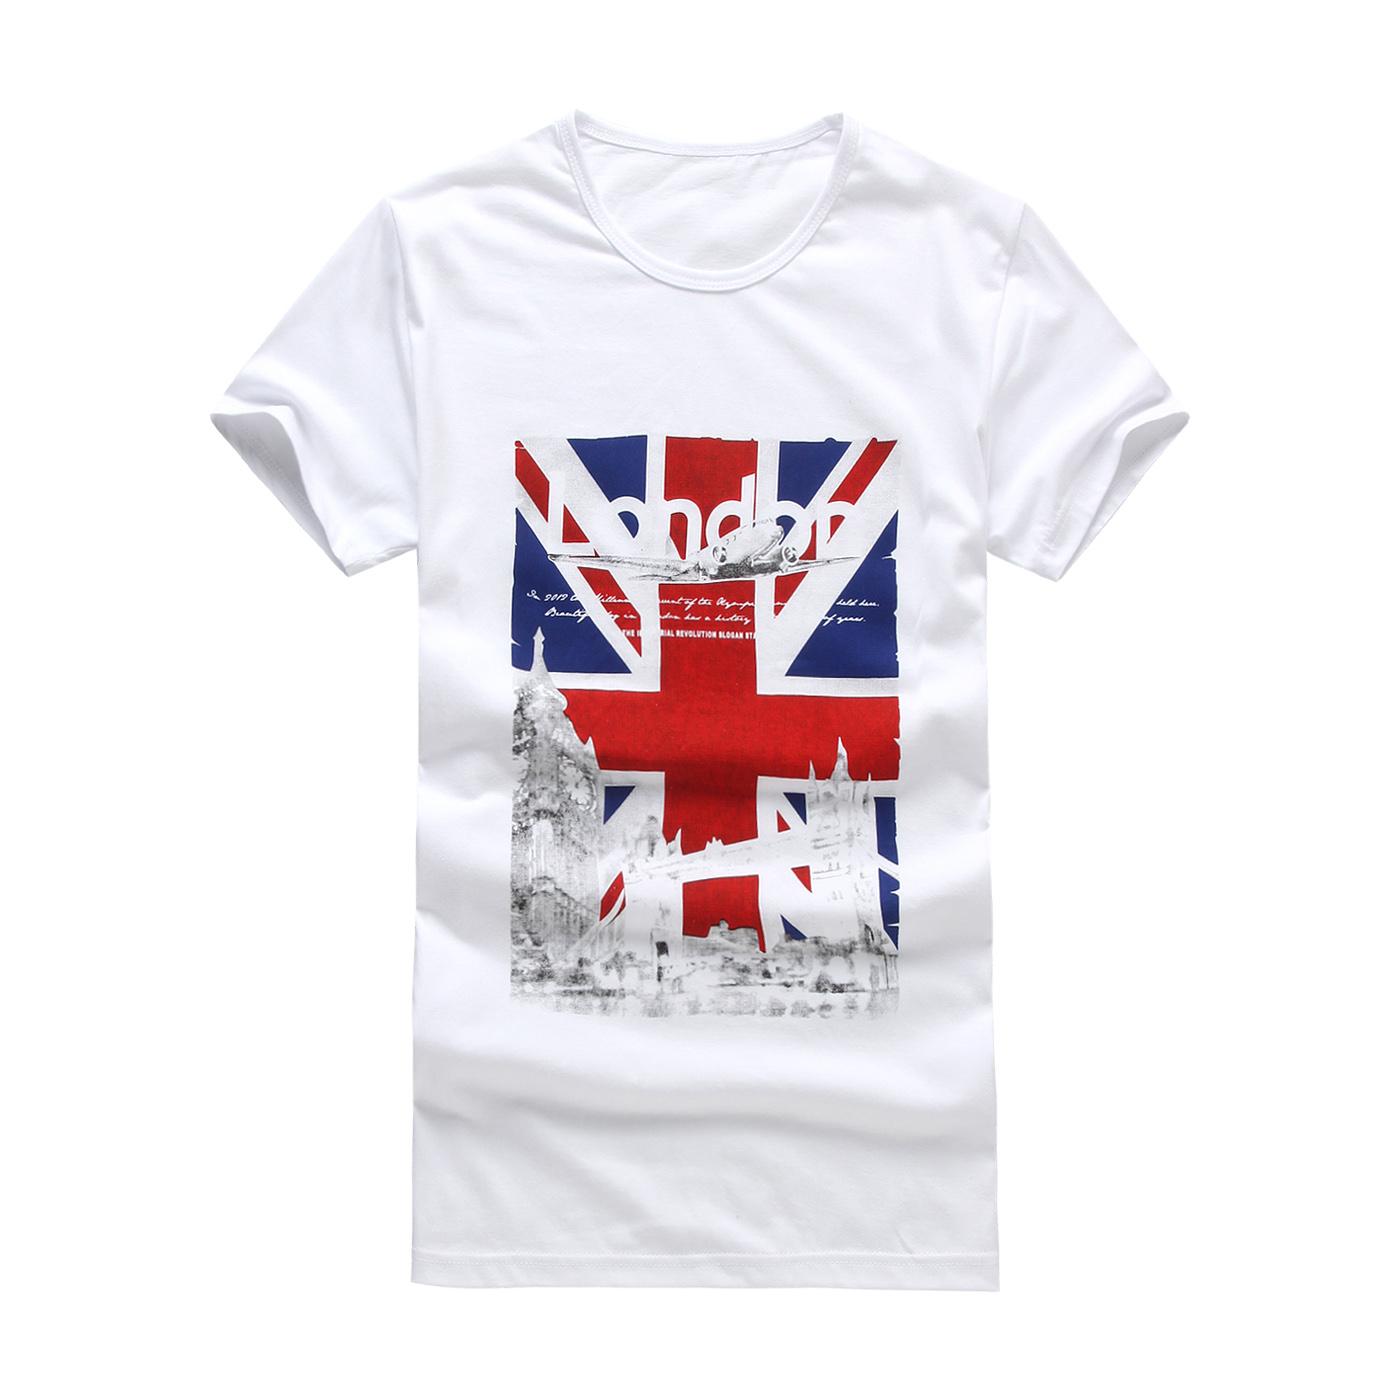 伯克思 韩版新款短袖T恤男装宽松加肥大码男士印花半袖t恤潮夏装